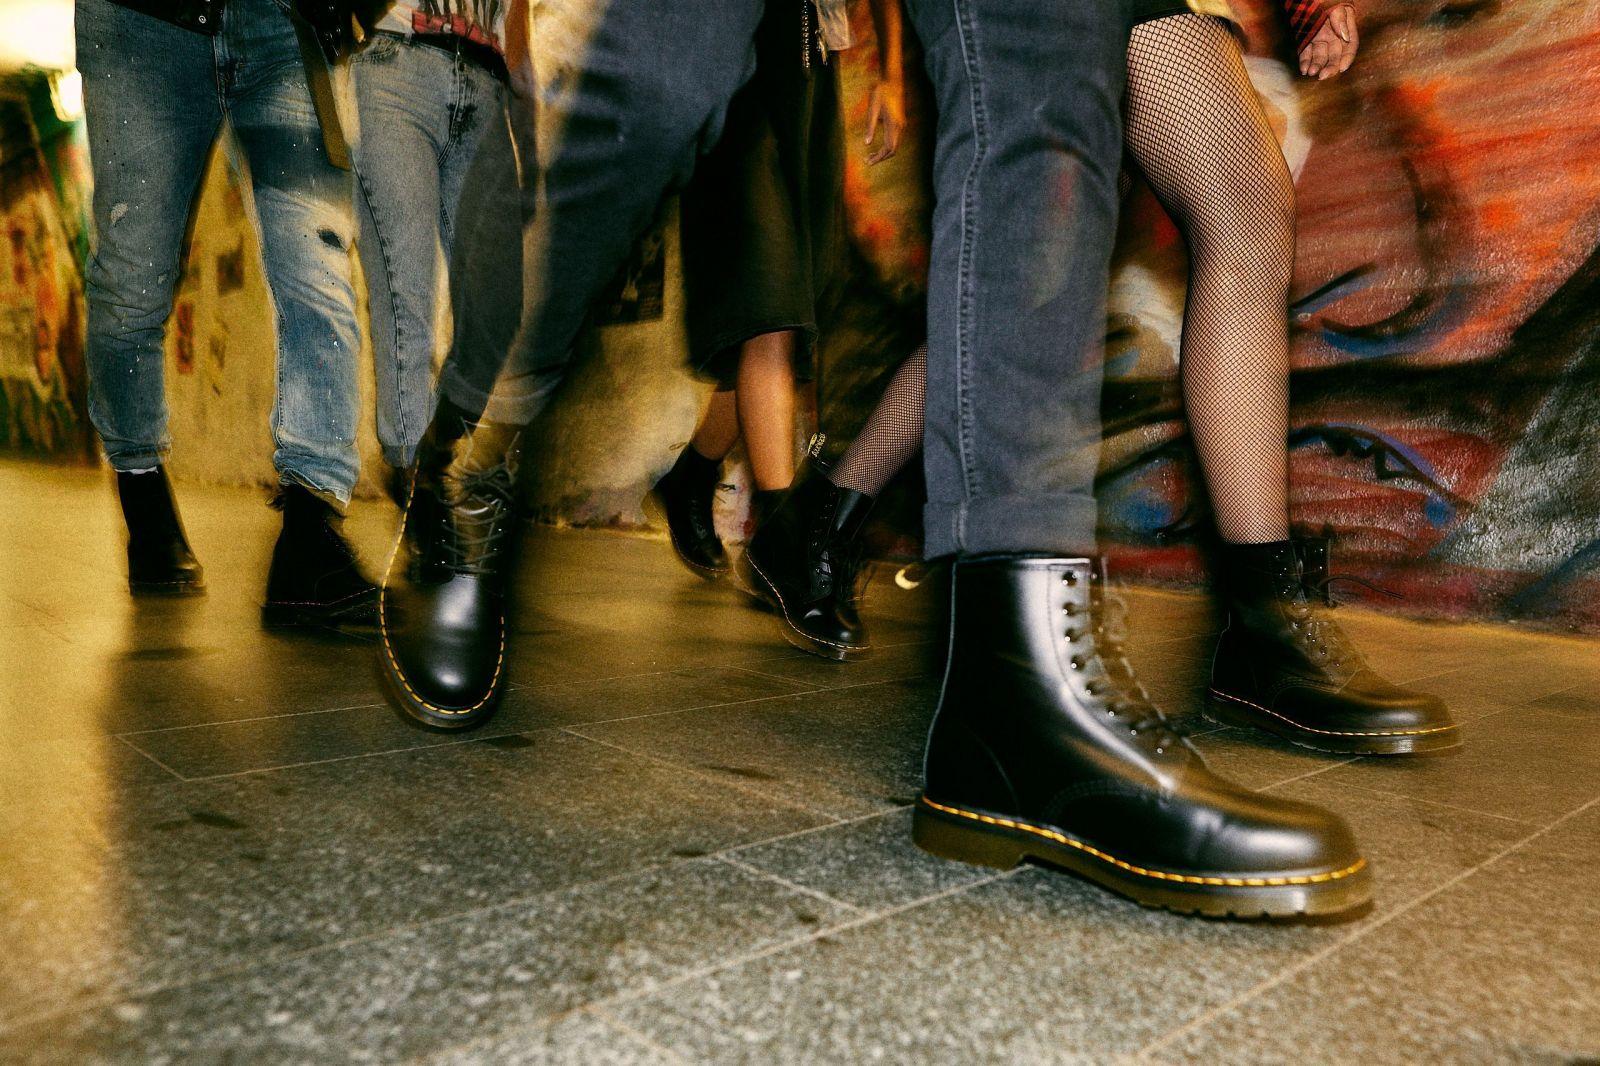 Oblíbená značka obuvi Dr. Martnes slaví 60 let